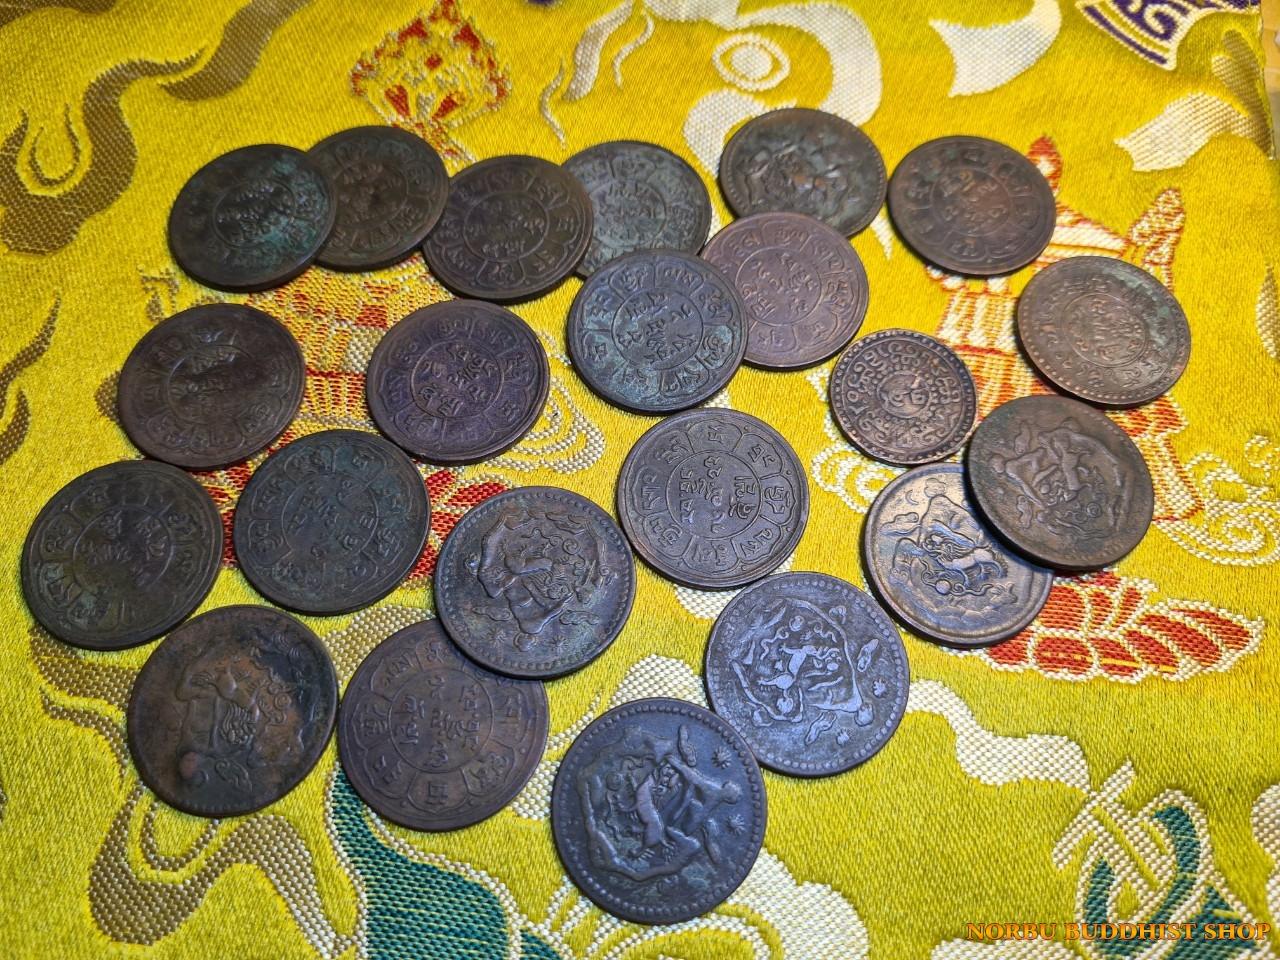 Old coin Tibet - tiền xu cổ Tây Tạng thời xưa 5